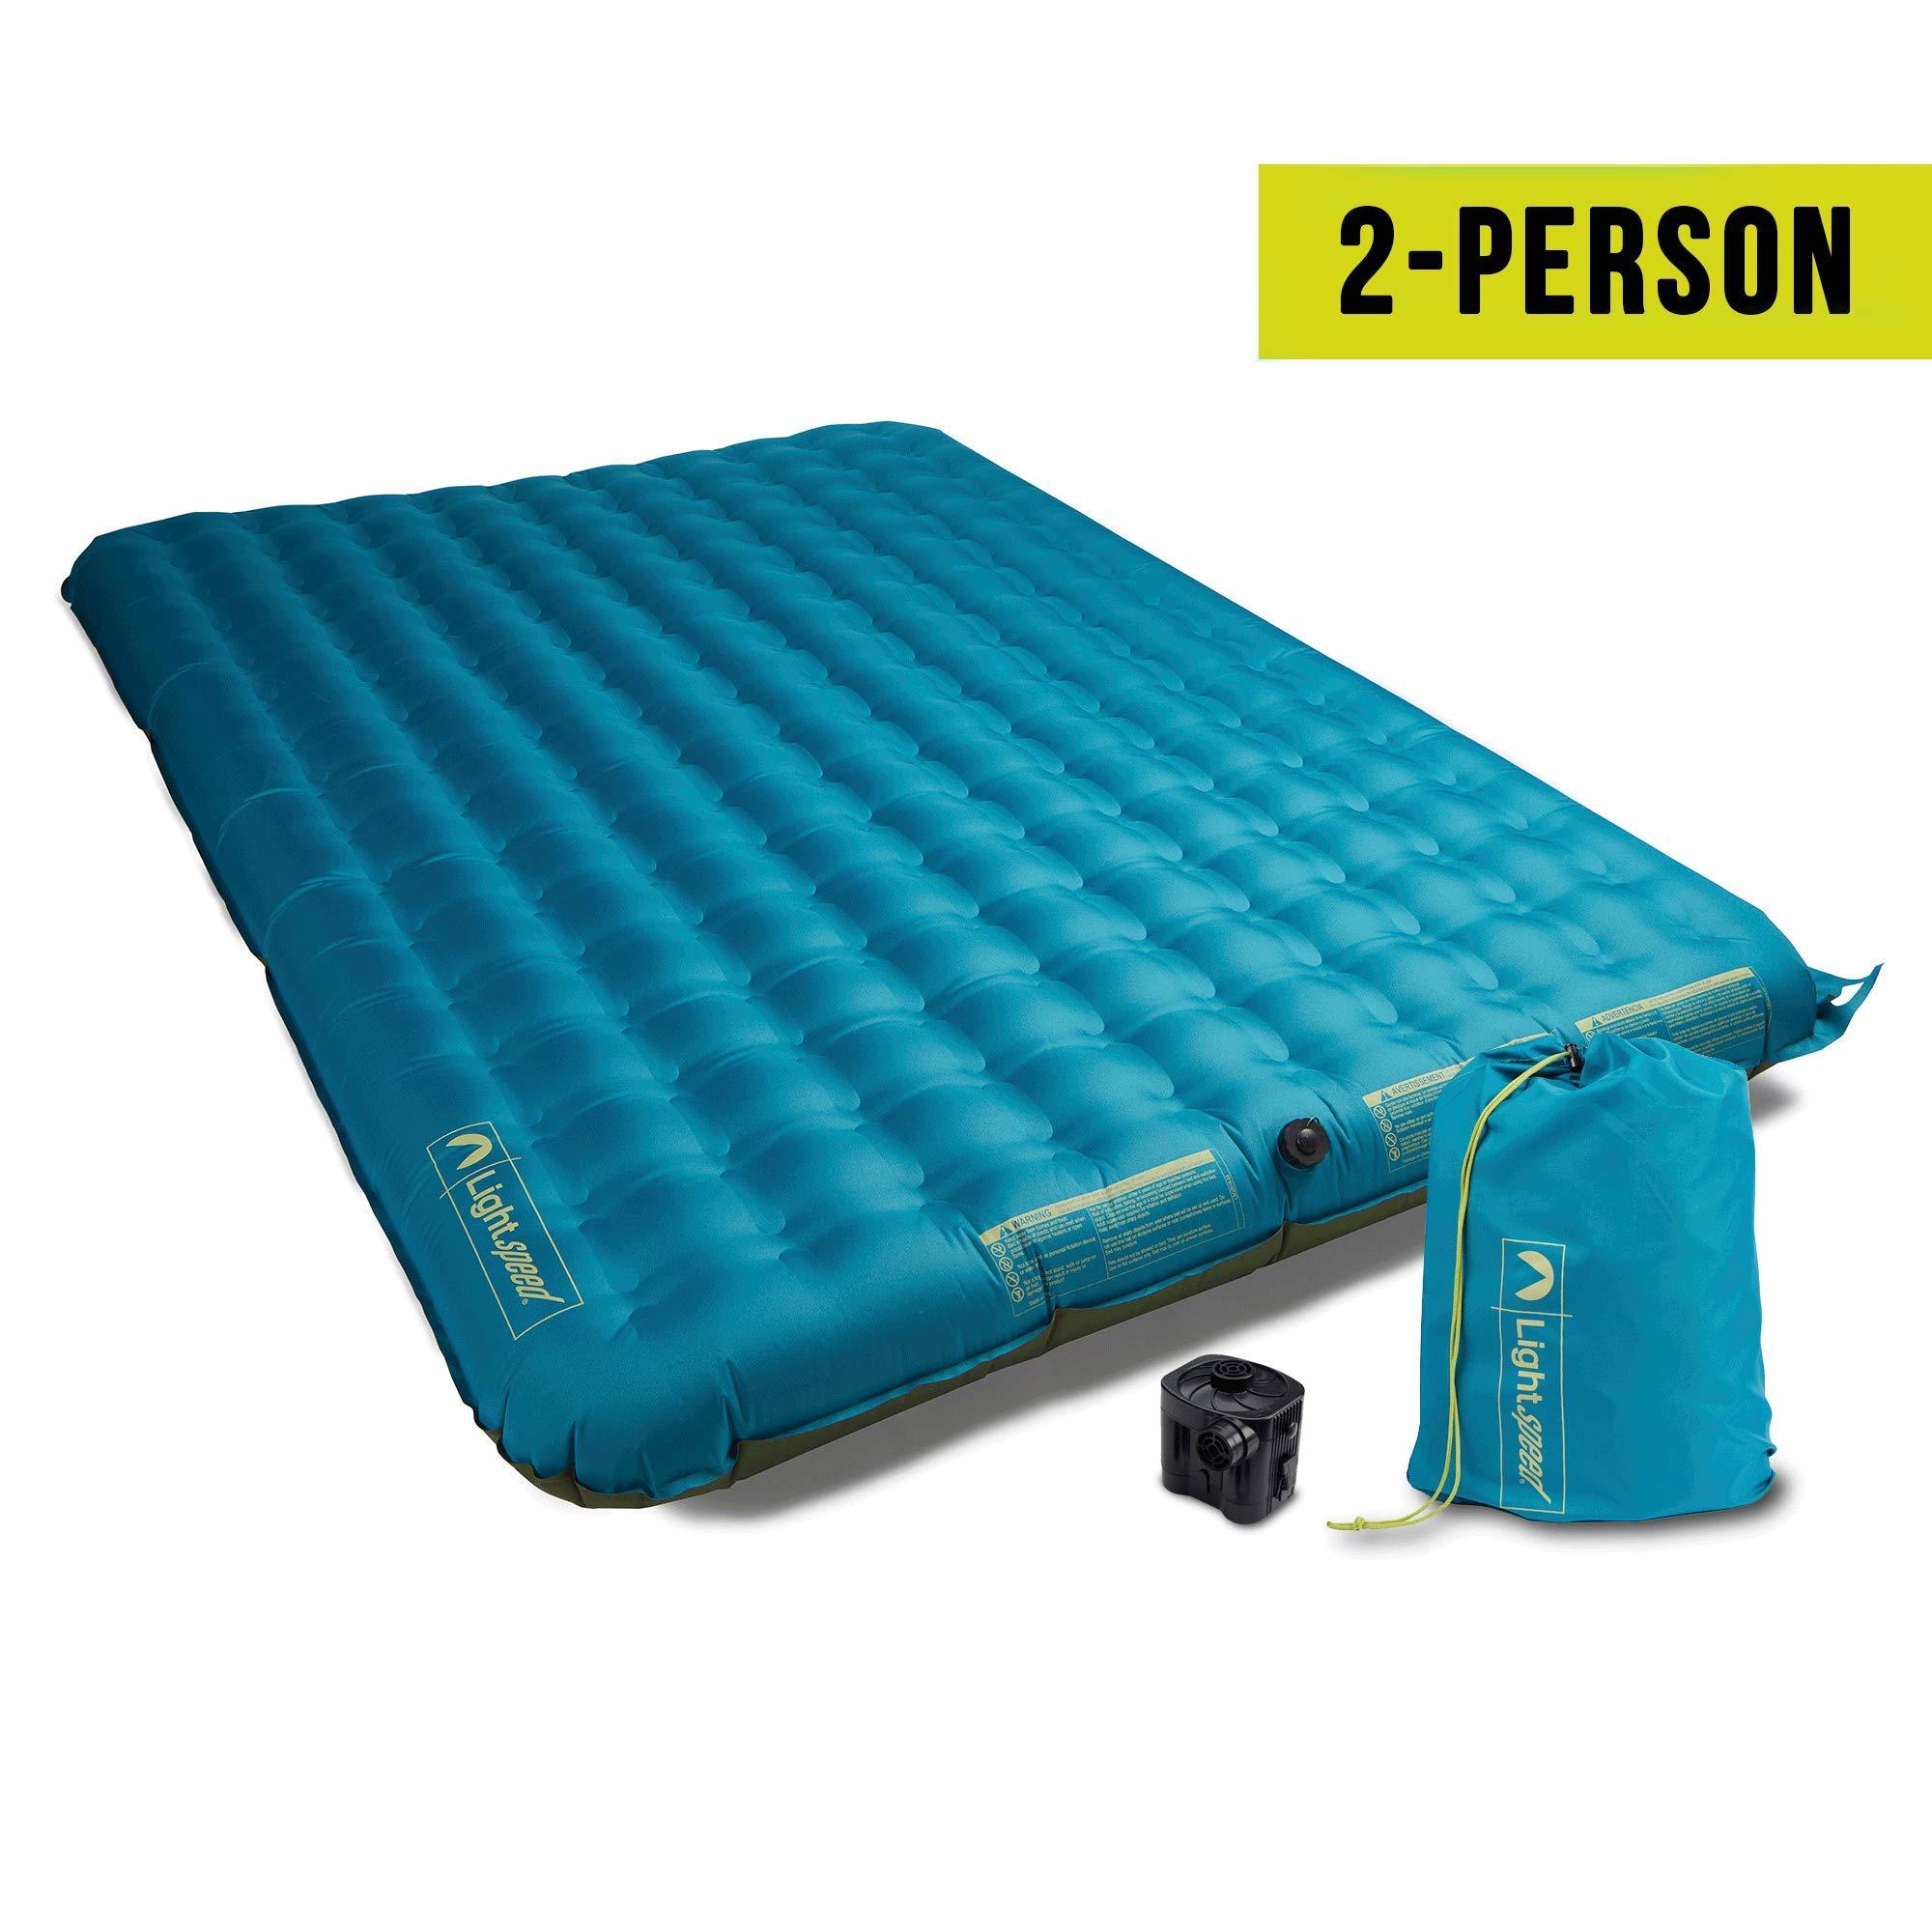 Lightspeed Outdoors 2 Person PVC-Free Air Bed Mattress (Ocean Depth) by Lightspeed Outdoors